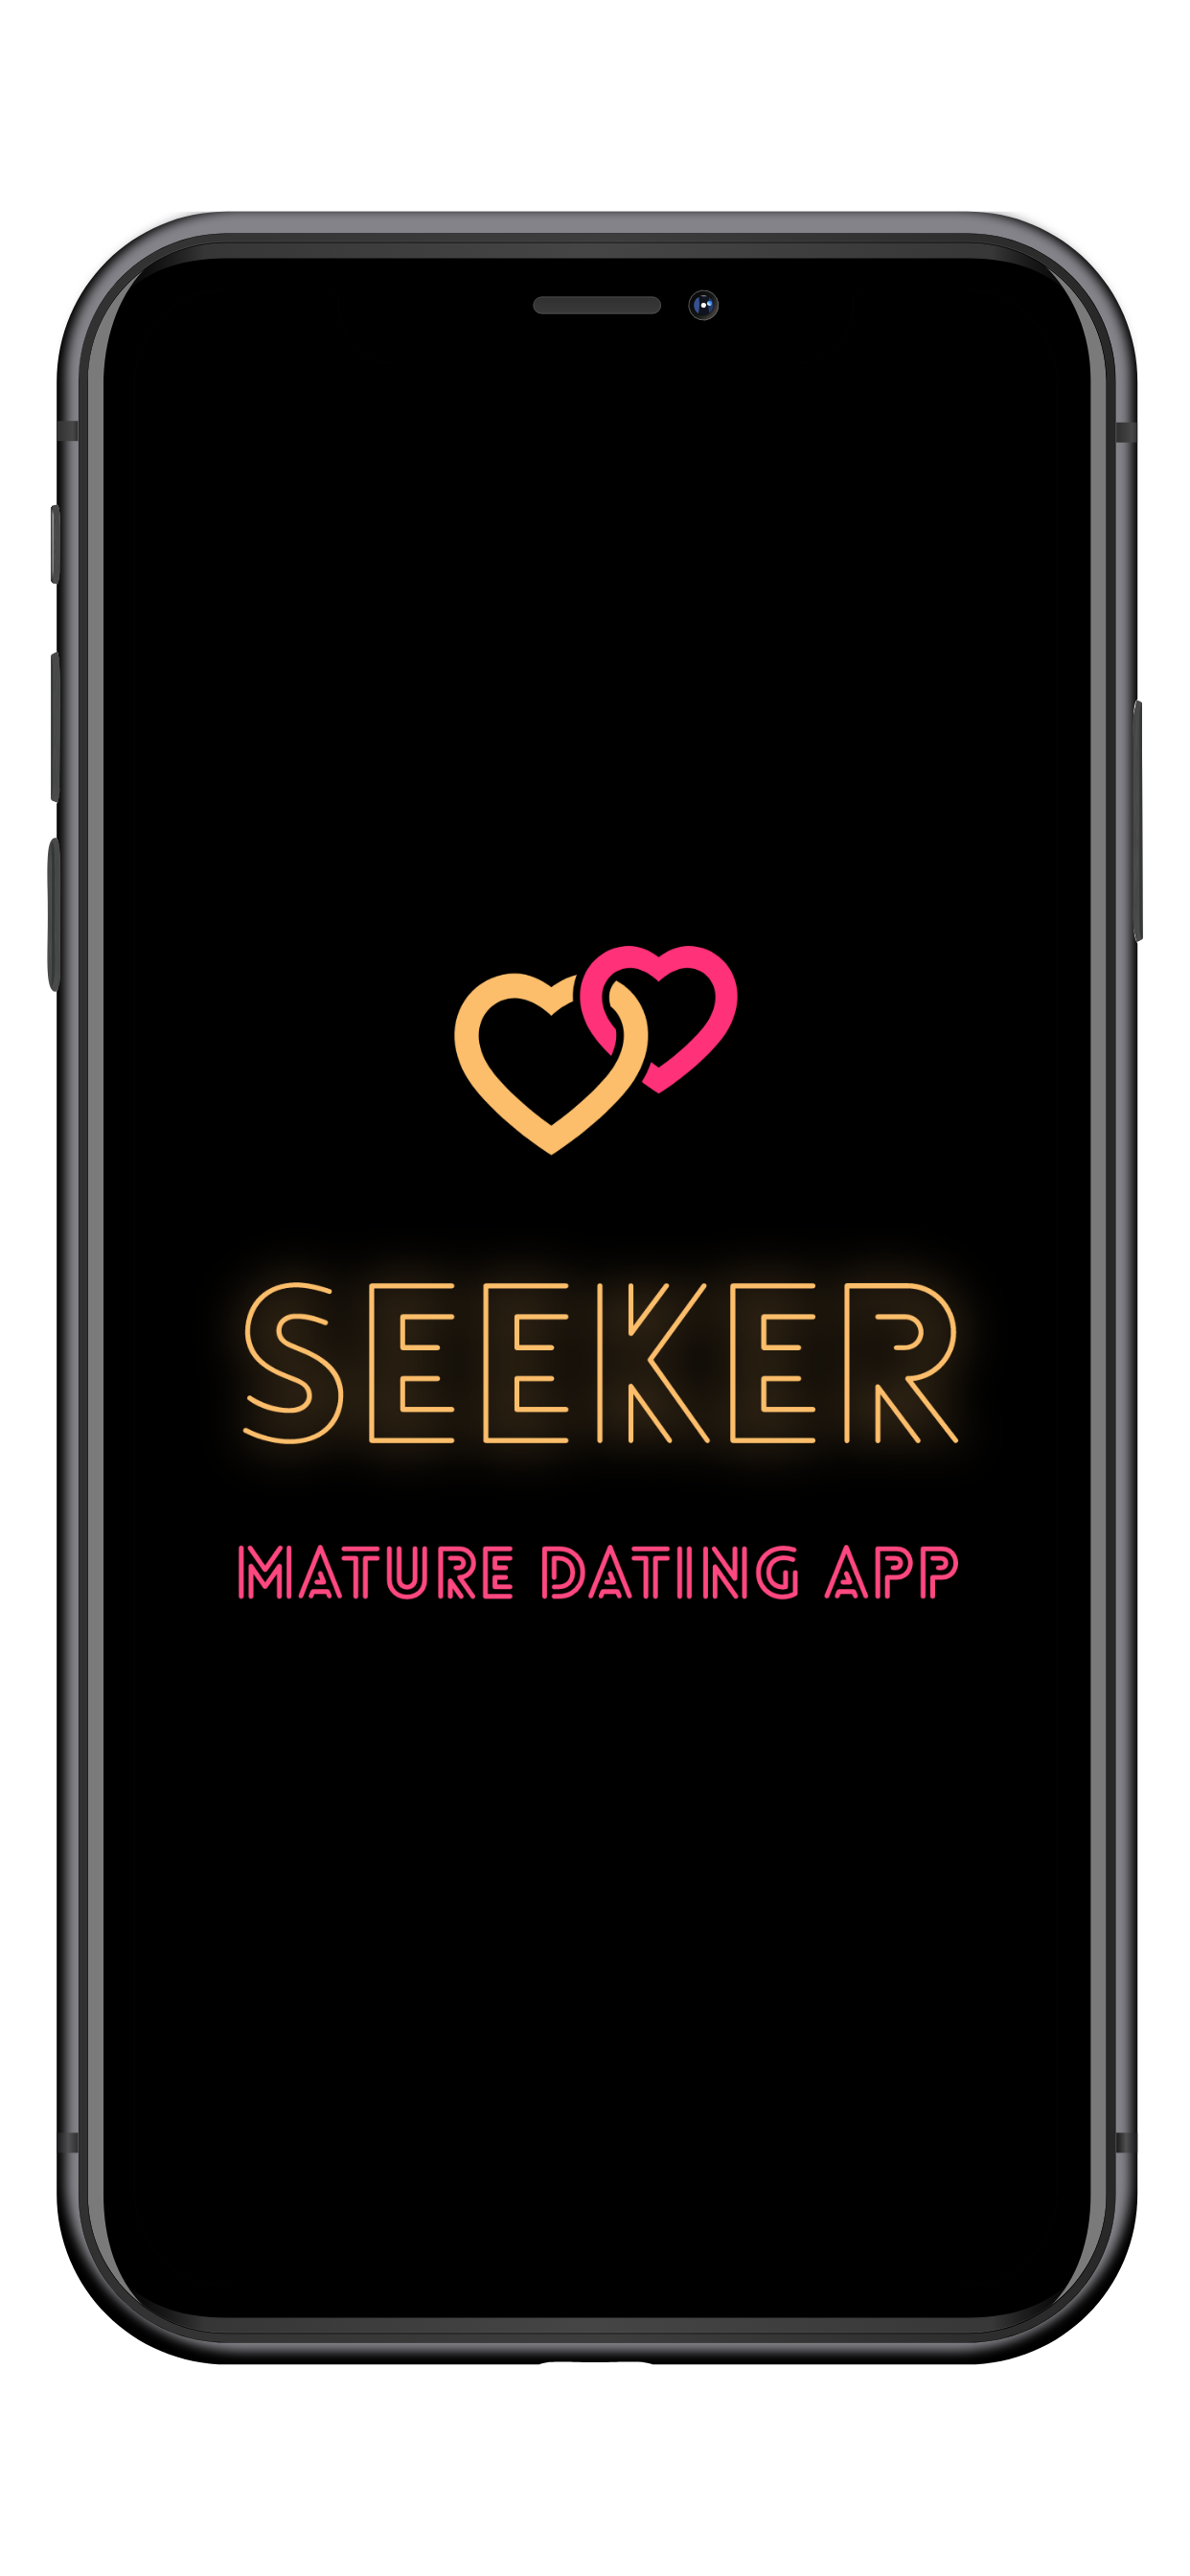 Seeker app